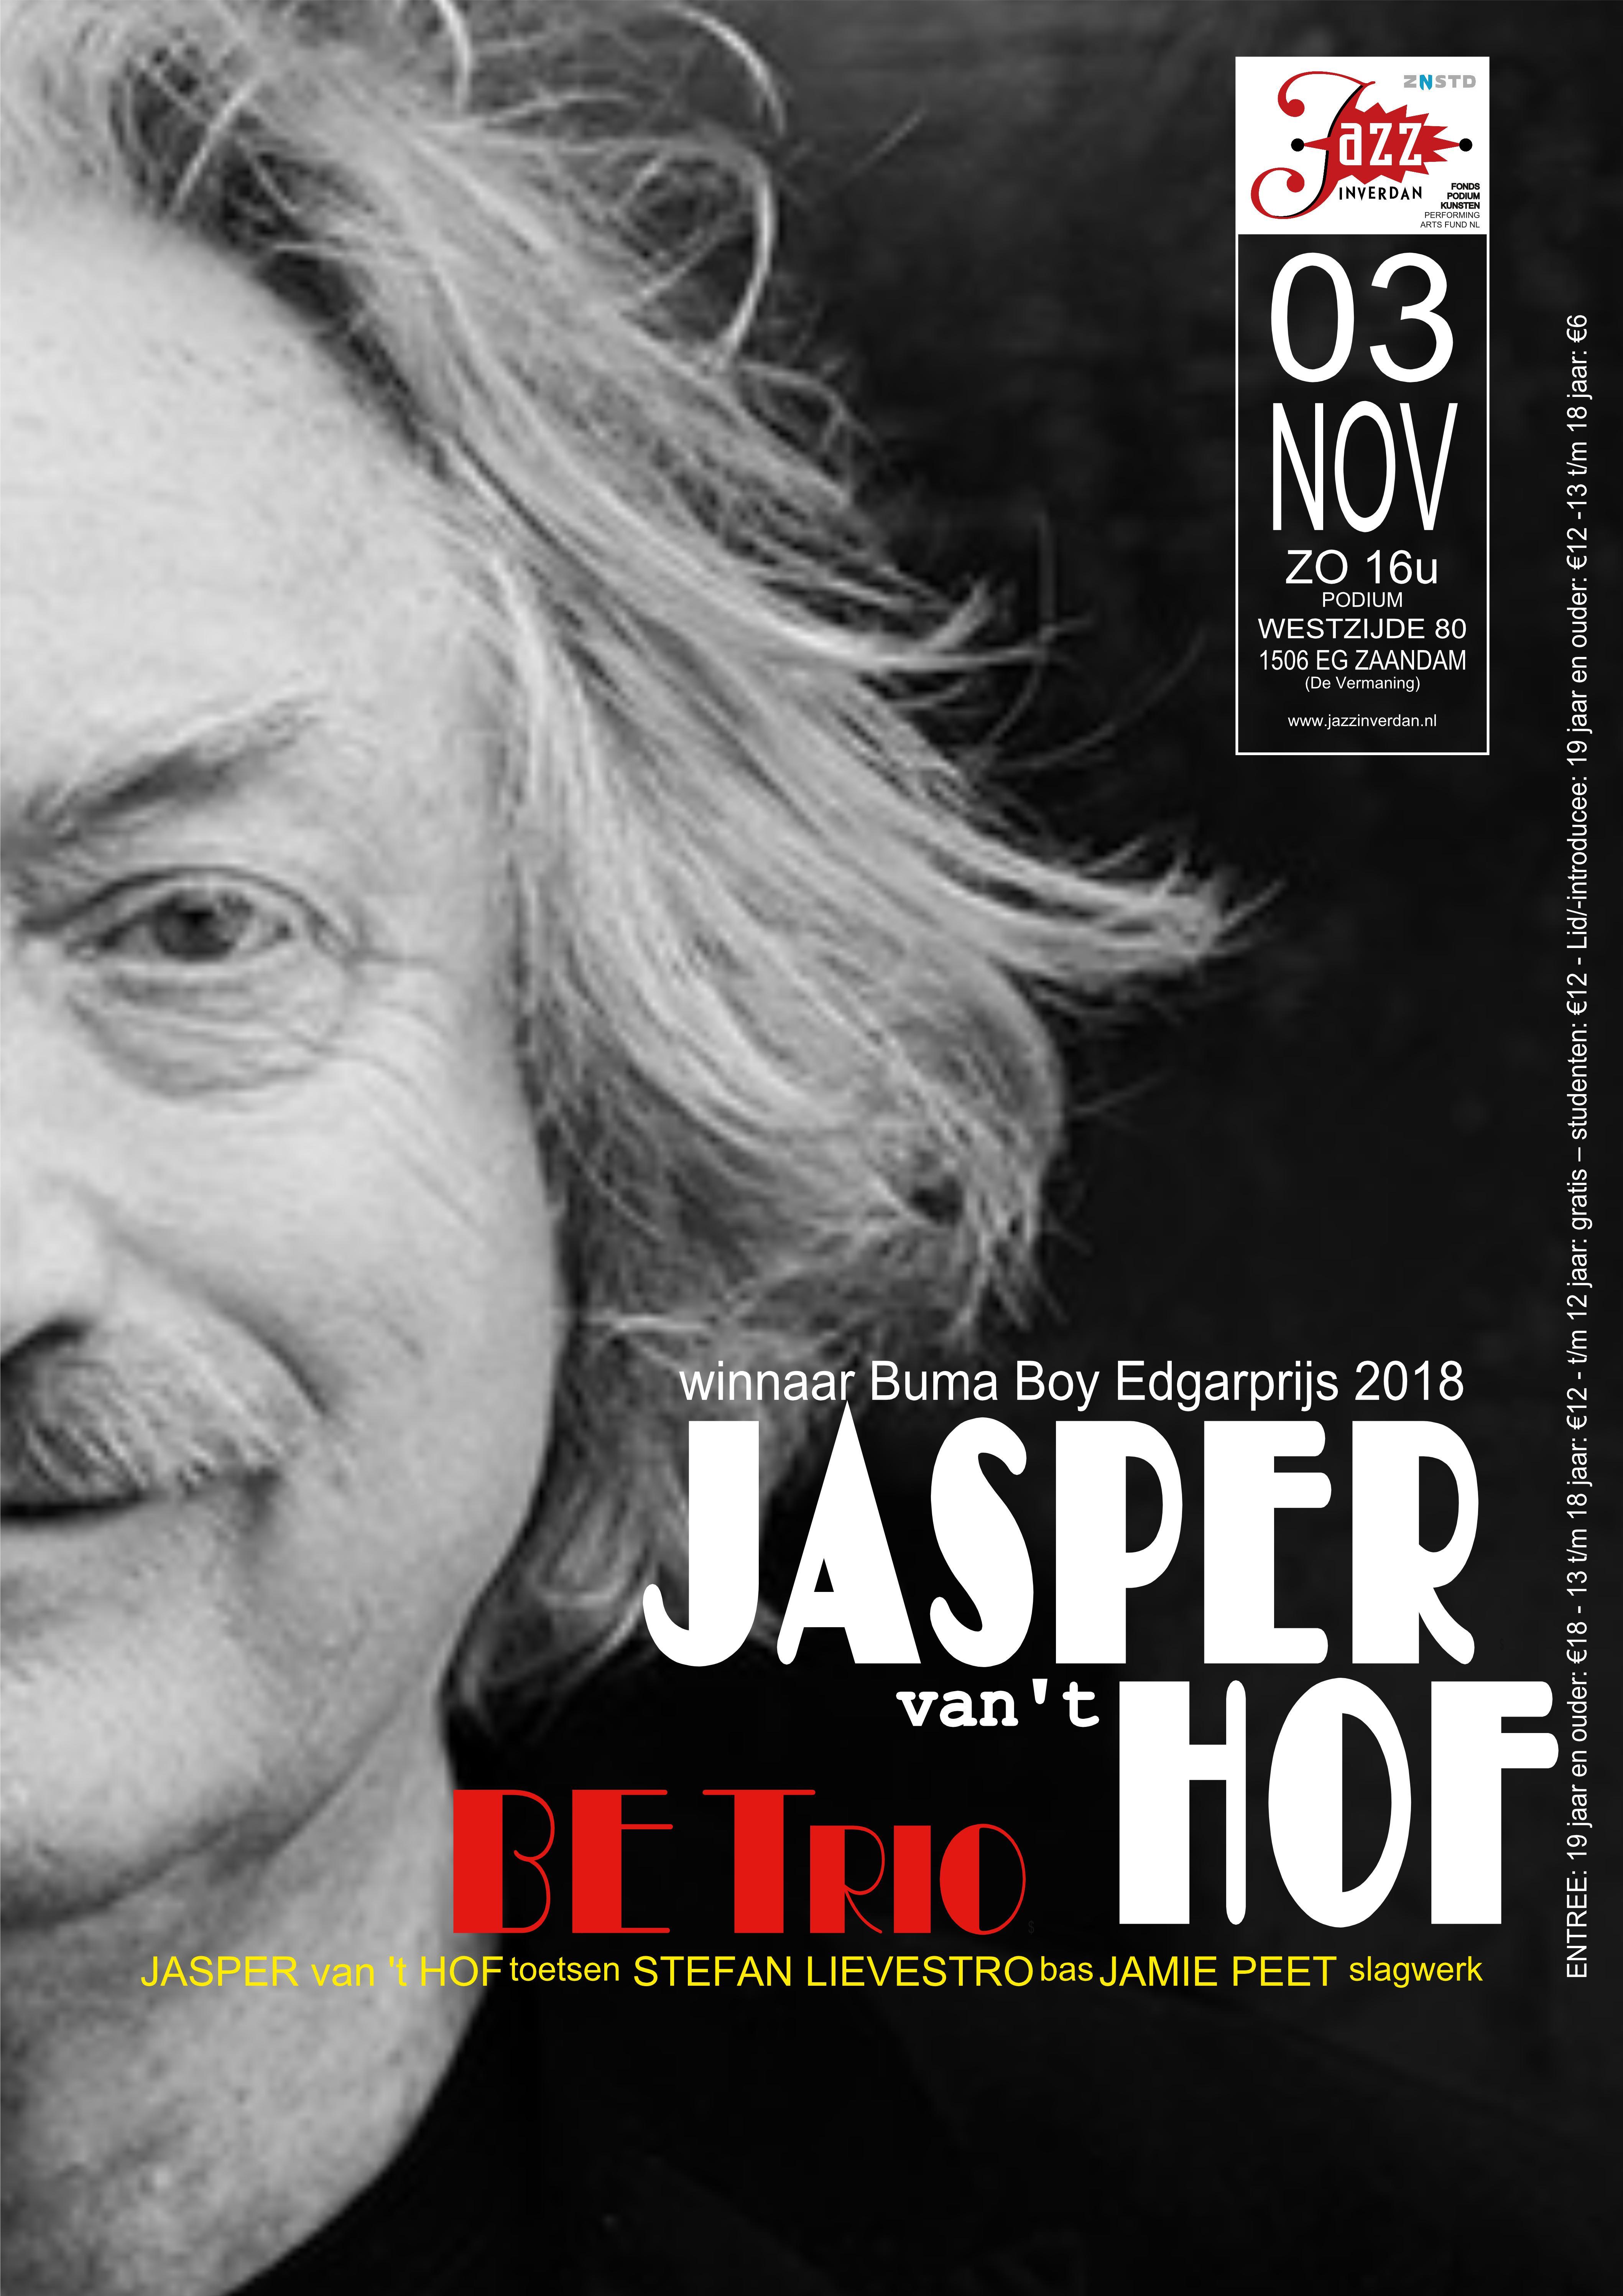 aff 2019-11-03 JASPER VAN T HOF BE TRIO, webversie 02-pagina001